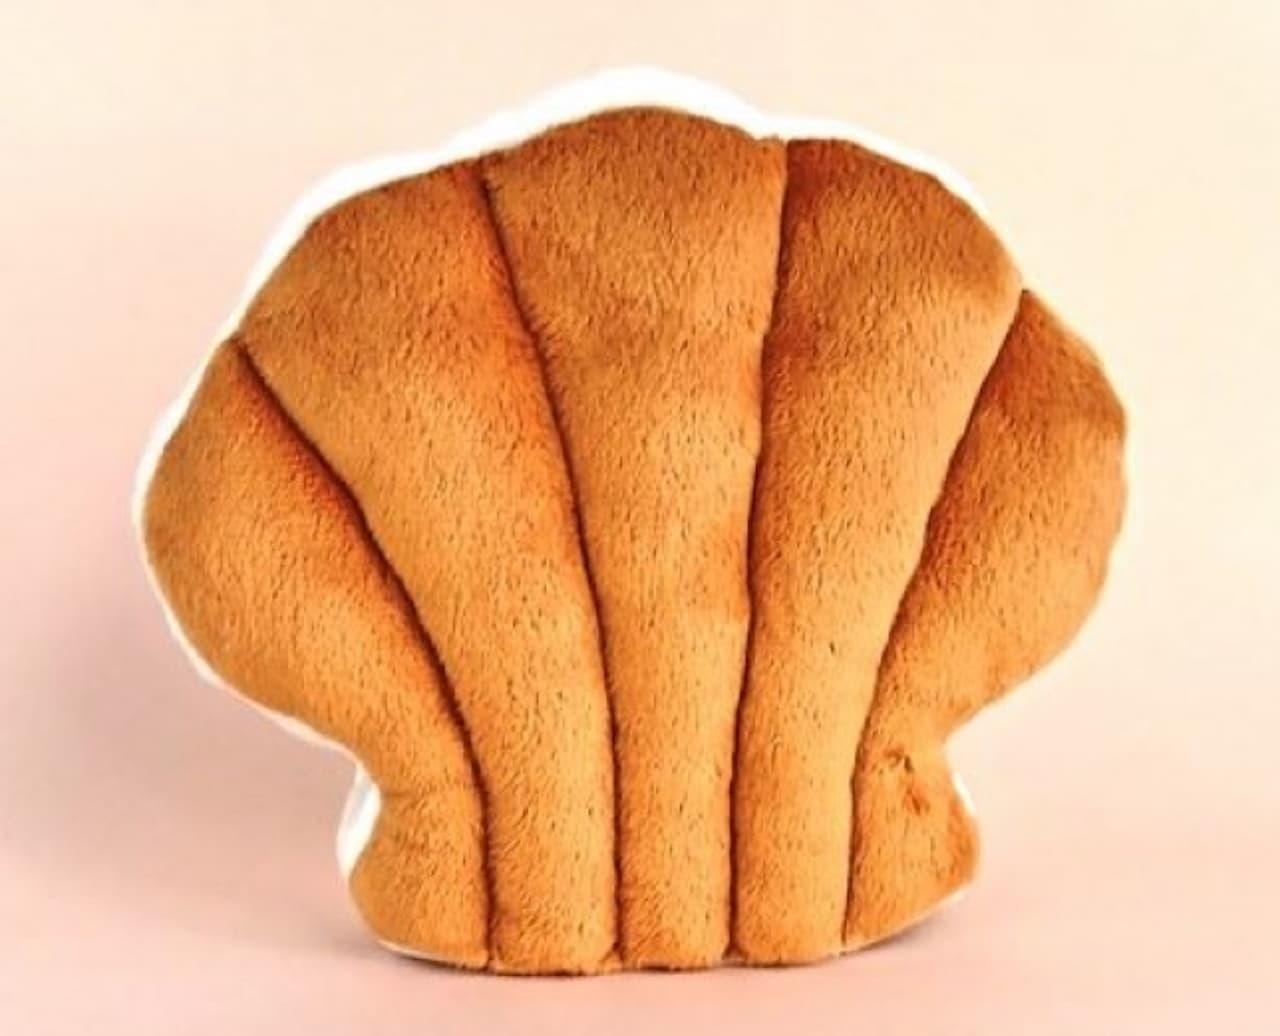 貝のパペット型ぬいぐるみ「貝パク」